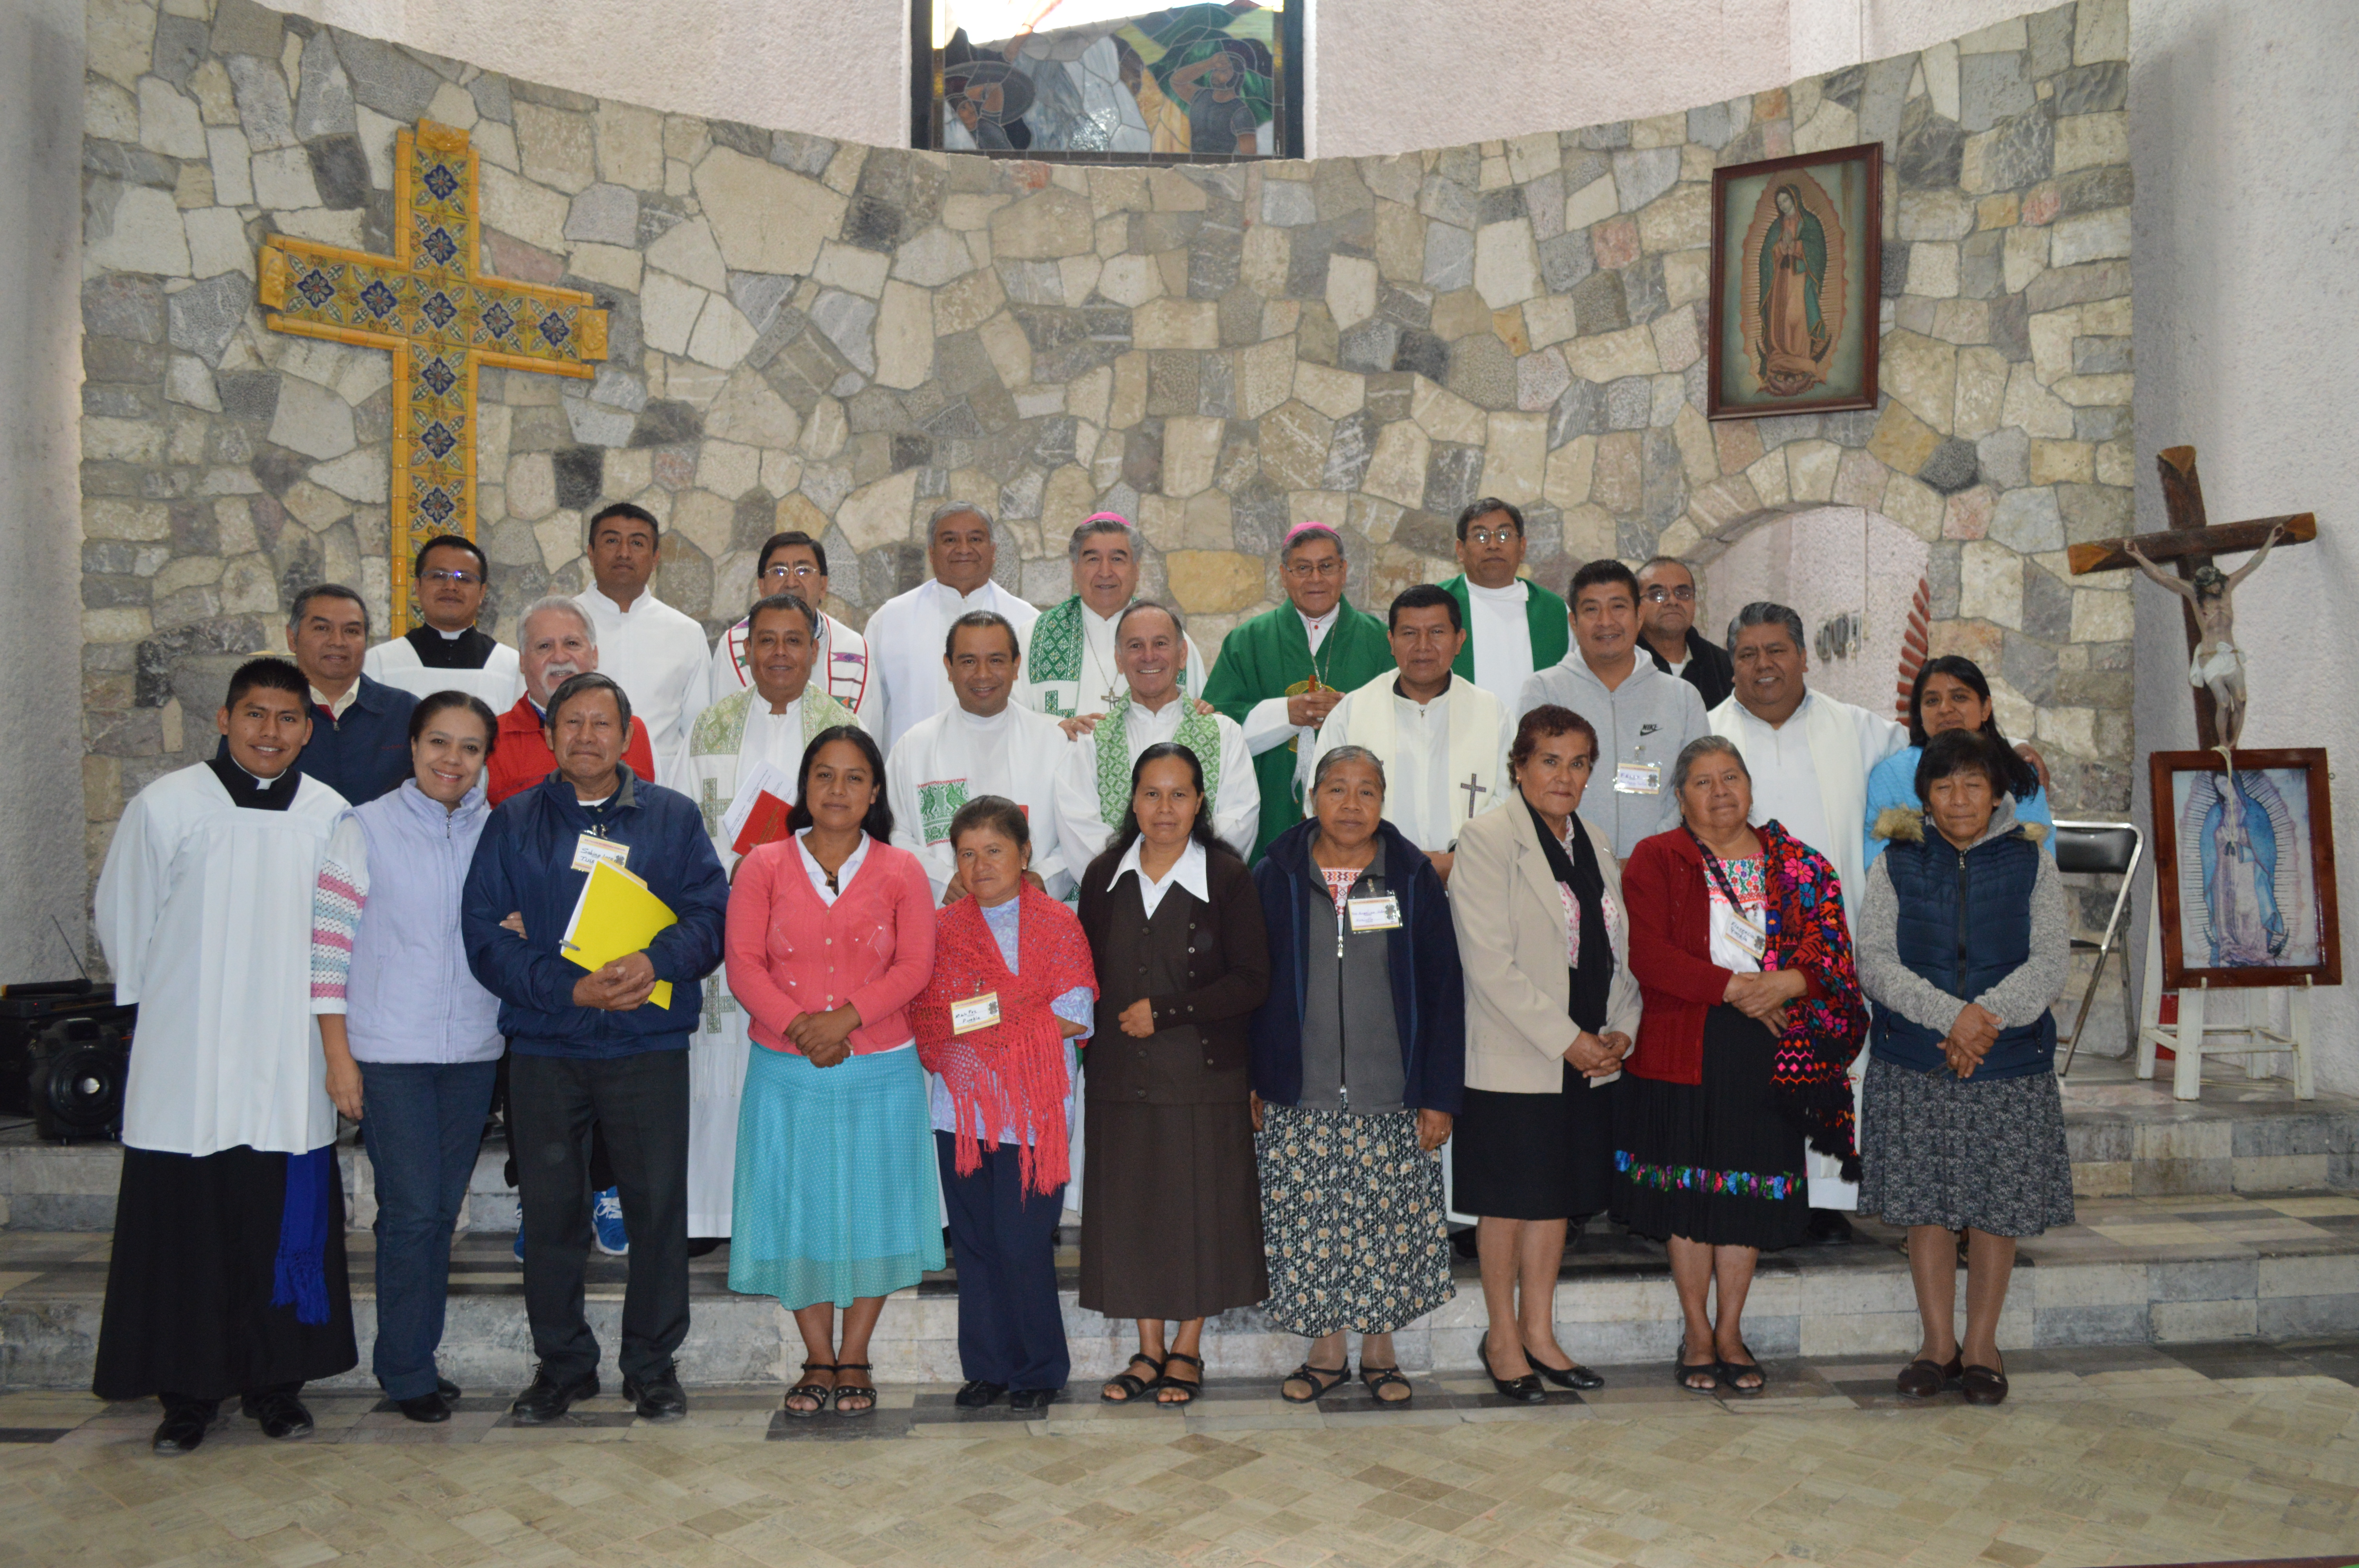 Traductores Coatlancingo © Mons. Felipe Arizmendi